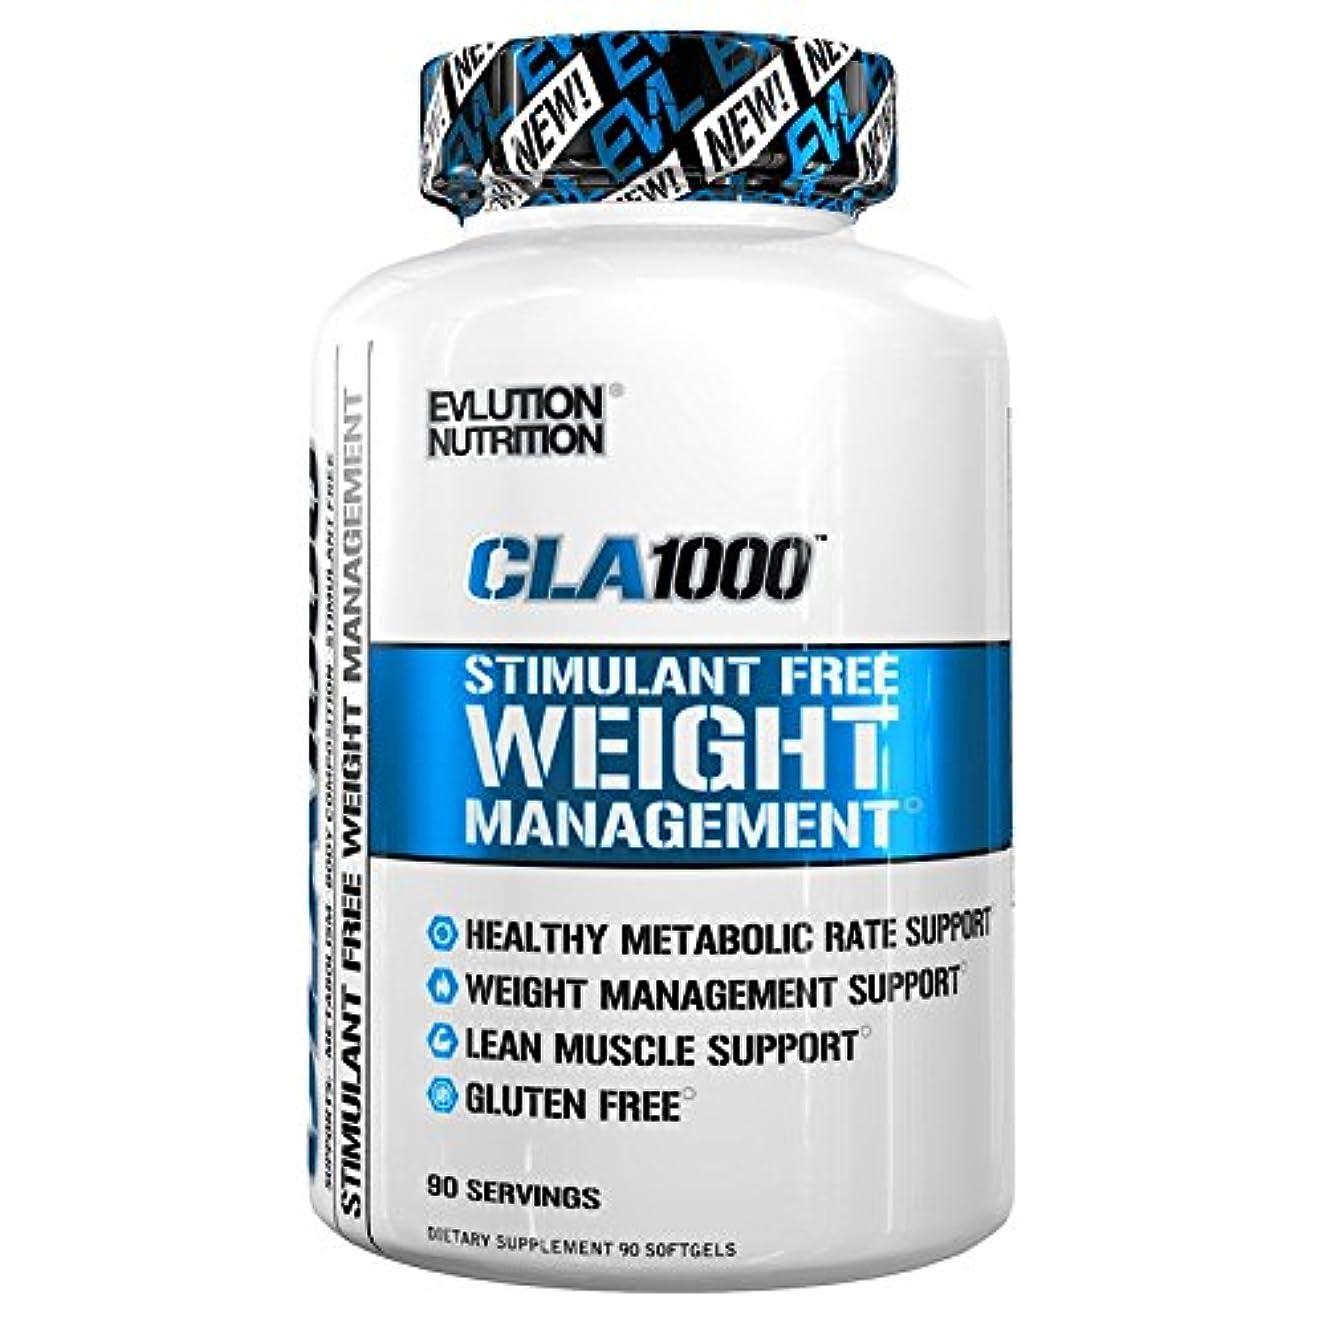 宣言する興奮するマルコポーロEVLution Nutrition CLA1000(体重管理サポートサプリ?非刺激性)90カプセル [海外直送品]